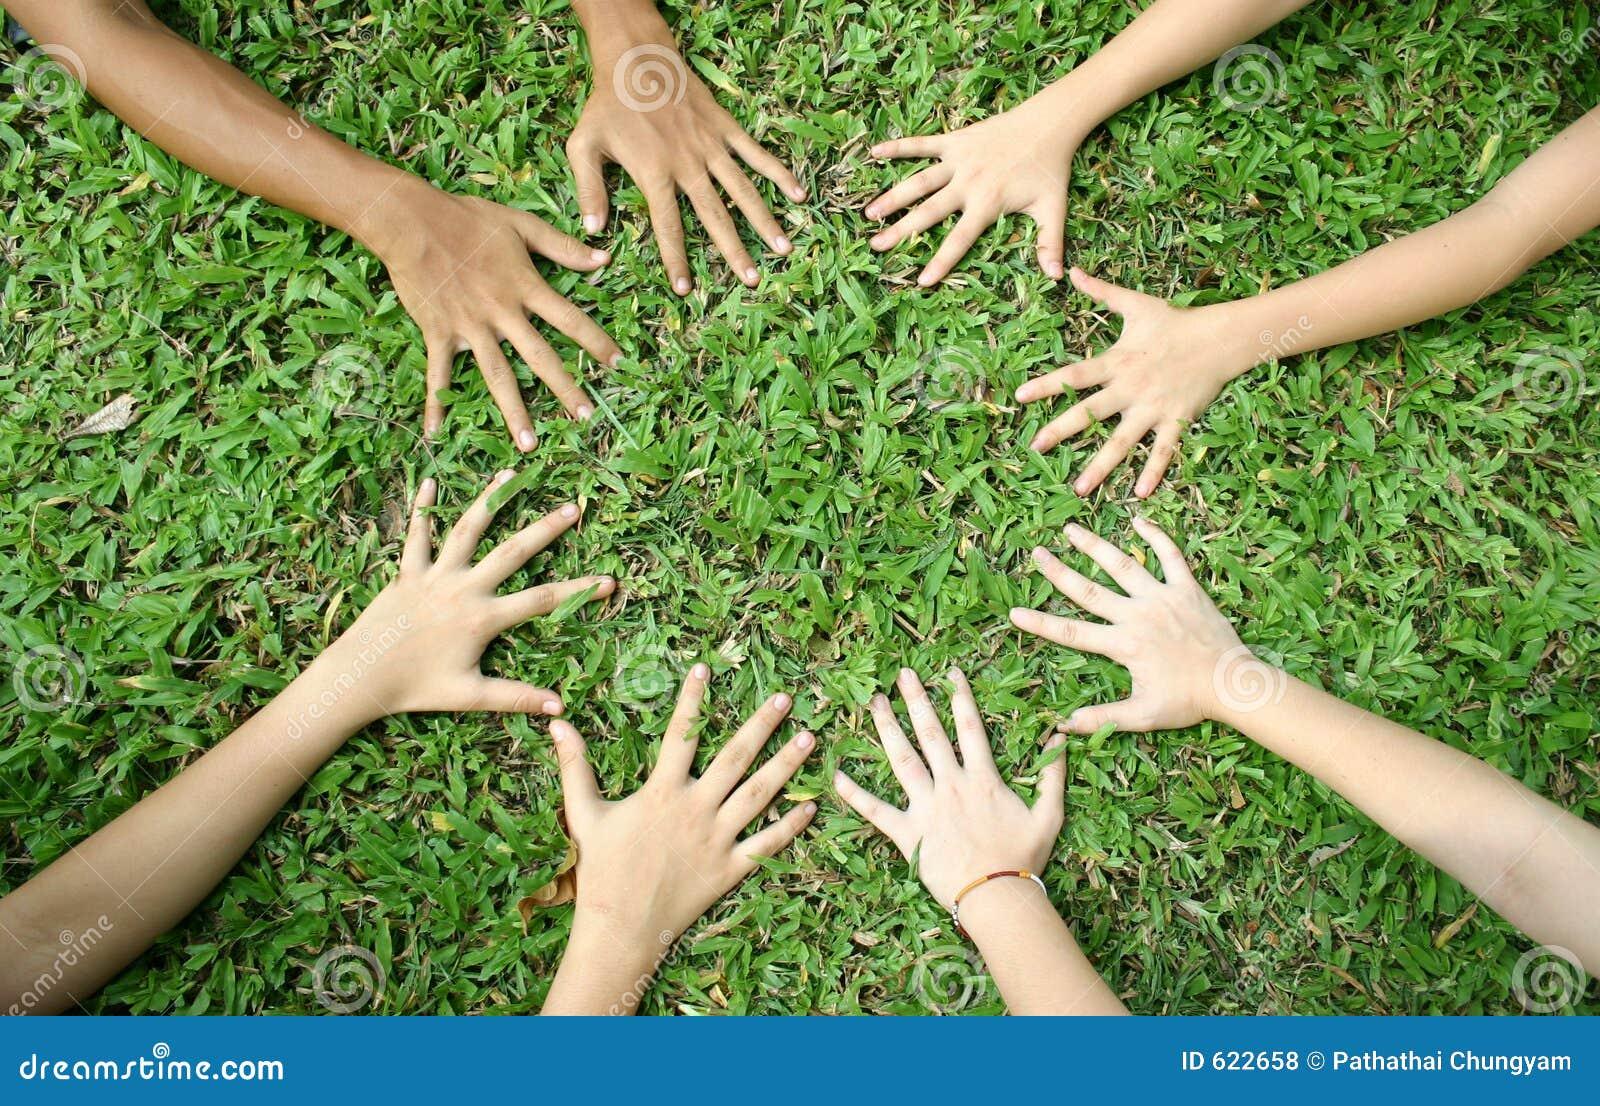 Les mains des enfants